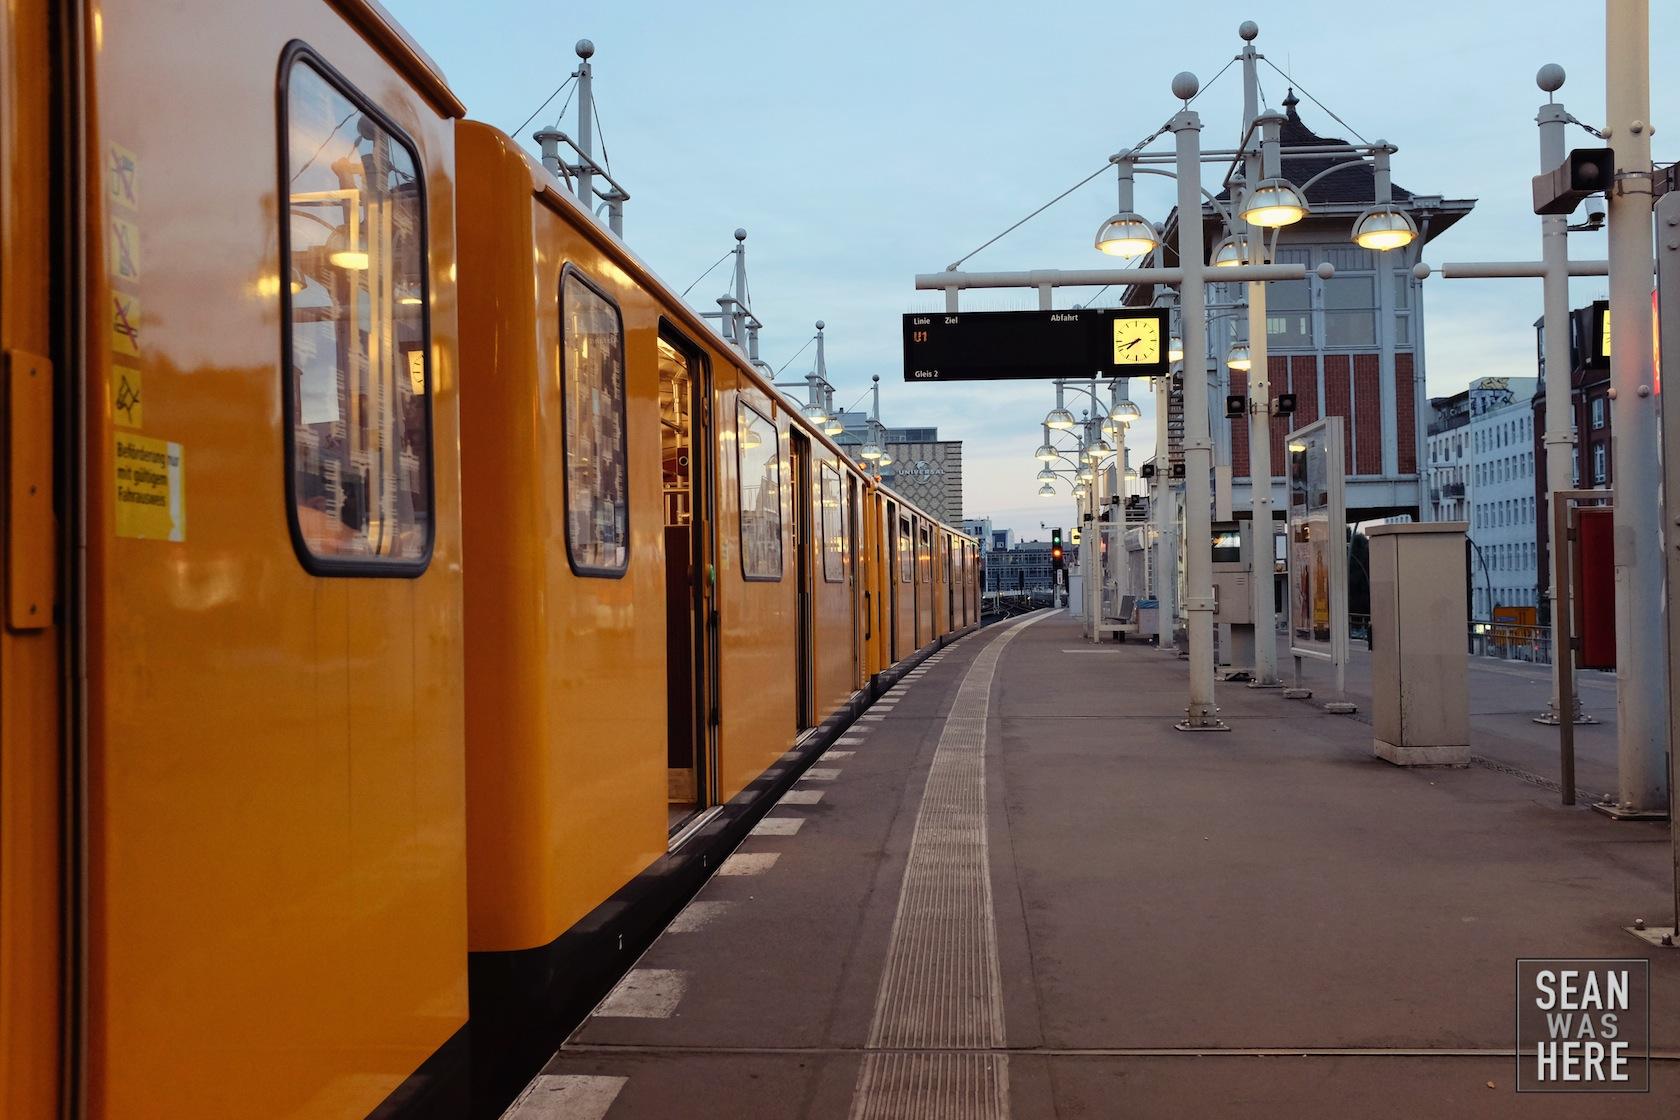 Metro, Bahn. Berlin Germany